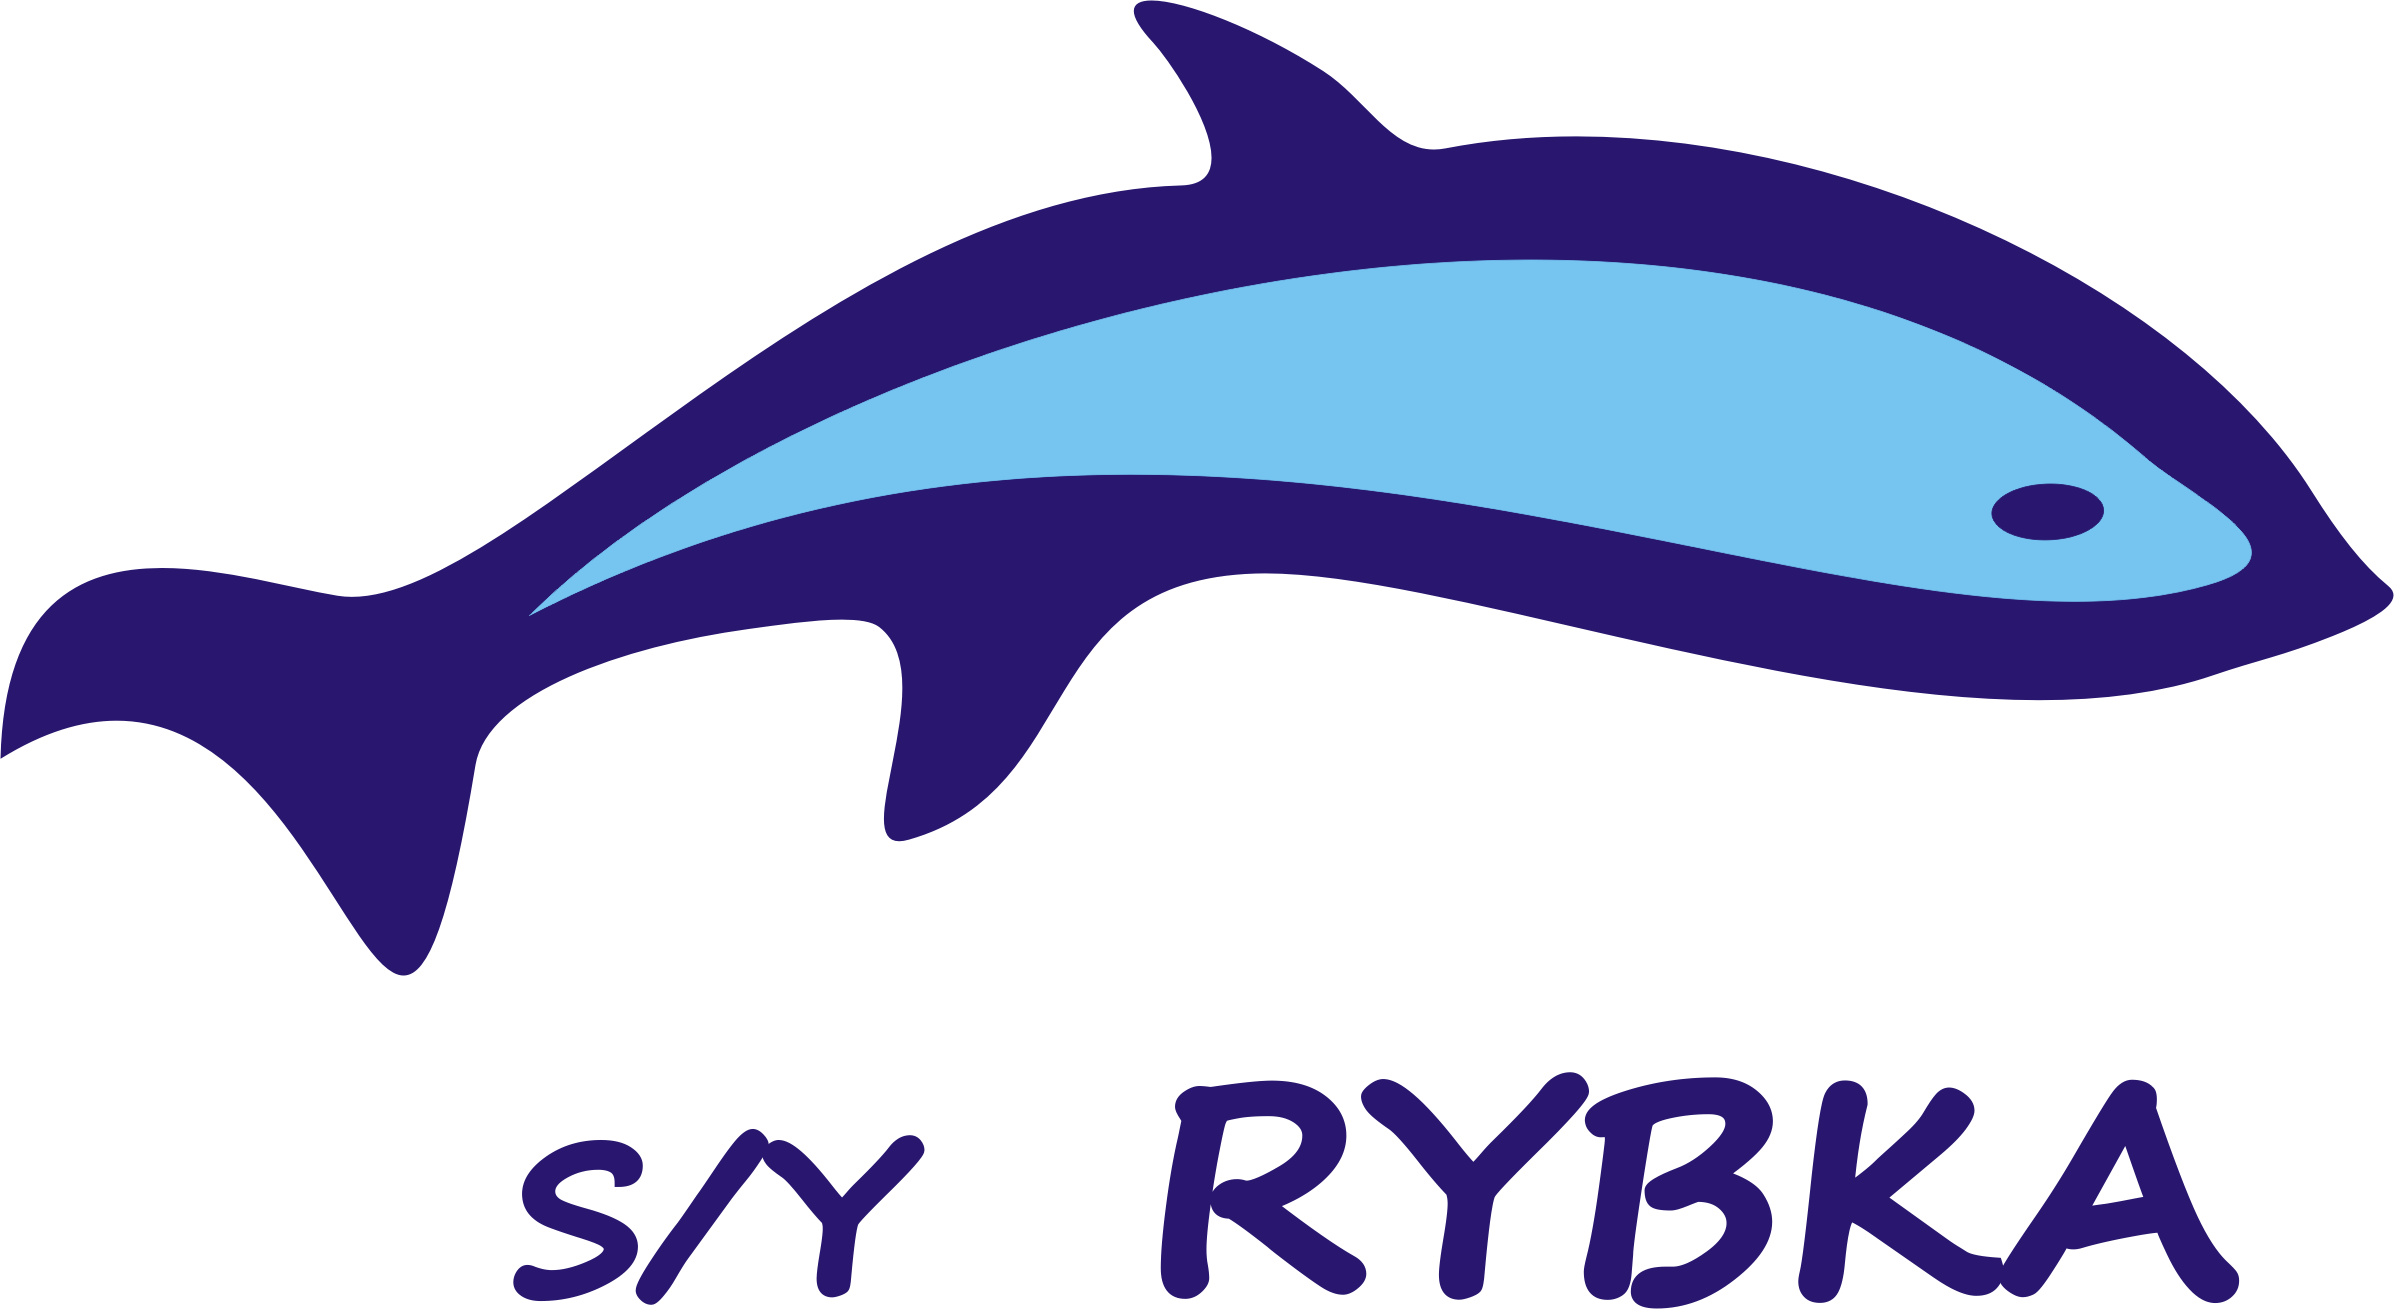 s/y Rybka